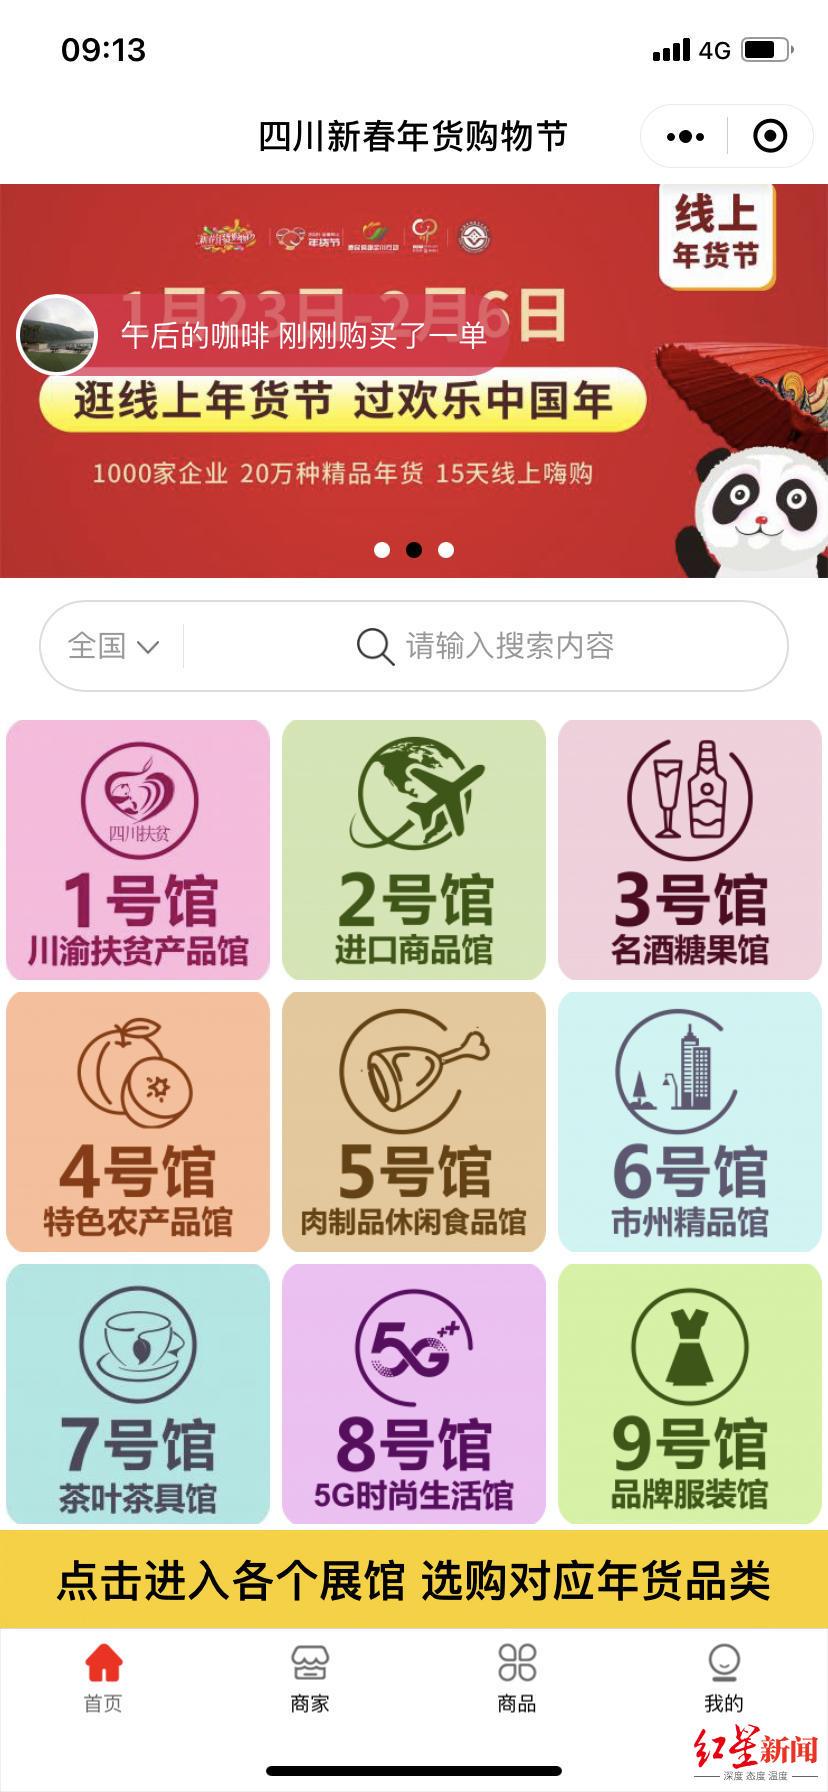 土鸡、冷吃兔、藏香猪、果干……嗨购15天,四川新春年货购物节今天开幕!